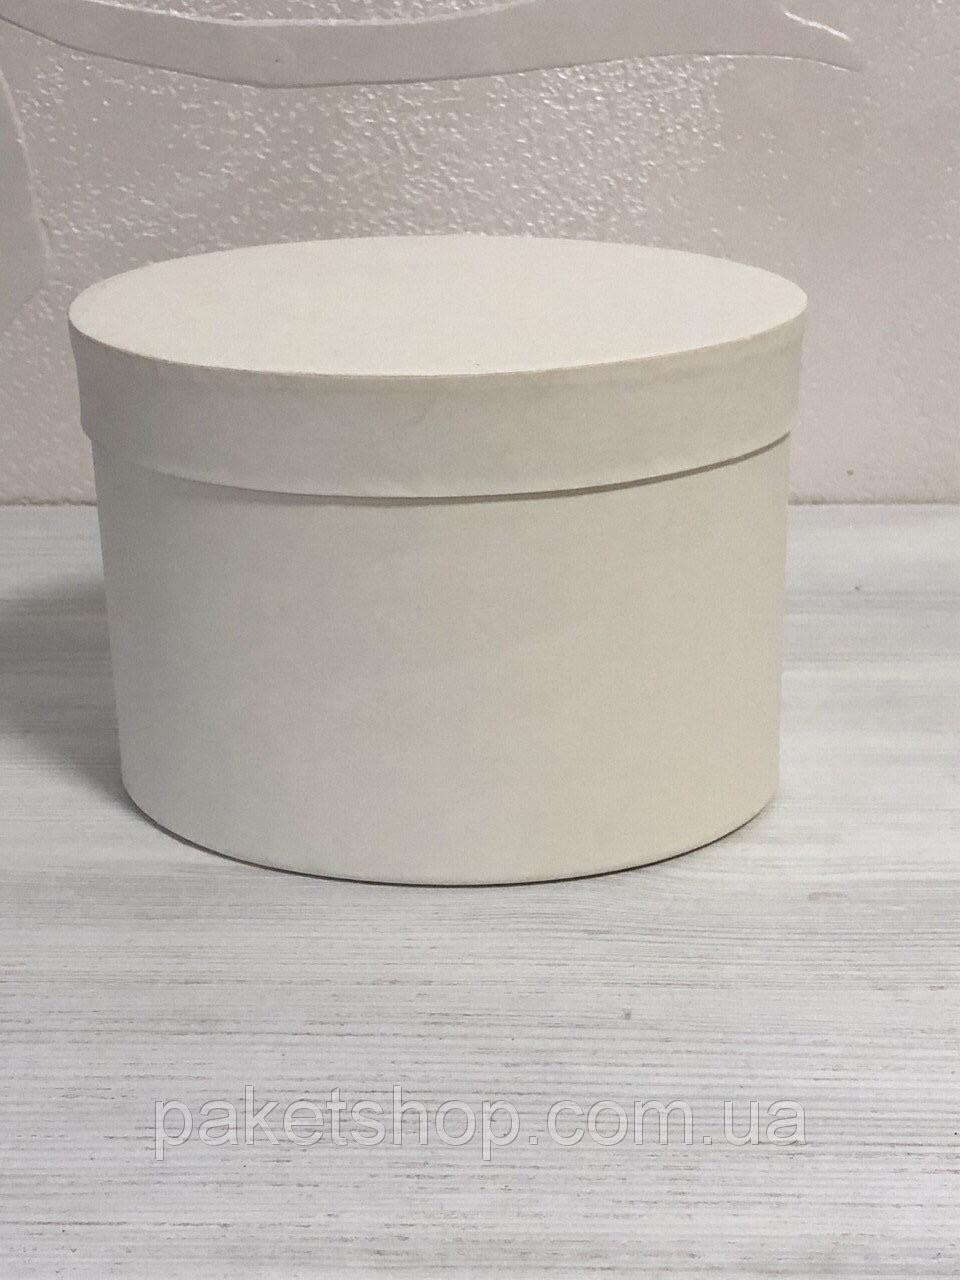 Картонная коробка Овал  под цветы 170*130*130 мм Айвори